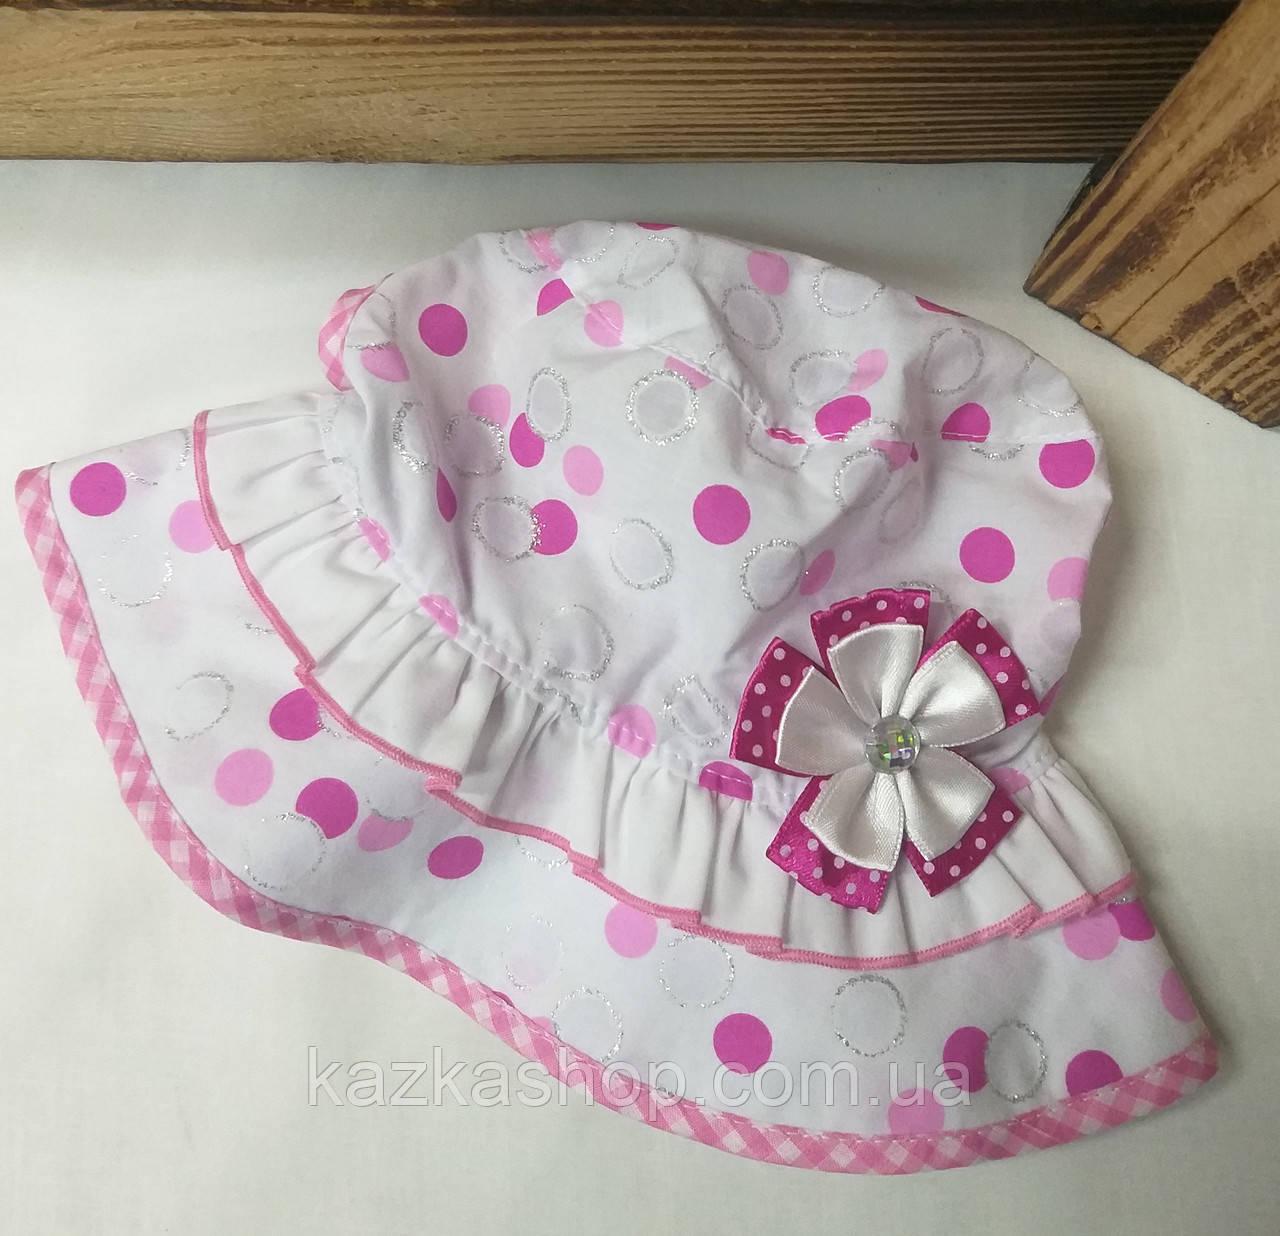 Детская панама в горошек, шляпка для девочек, 100% хлопок, вставка цветок, размер 46-48